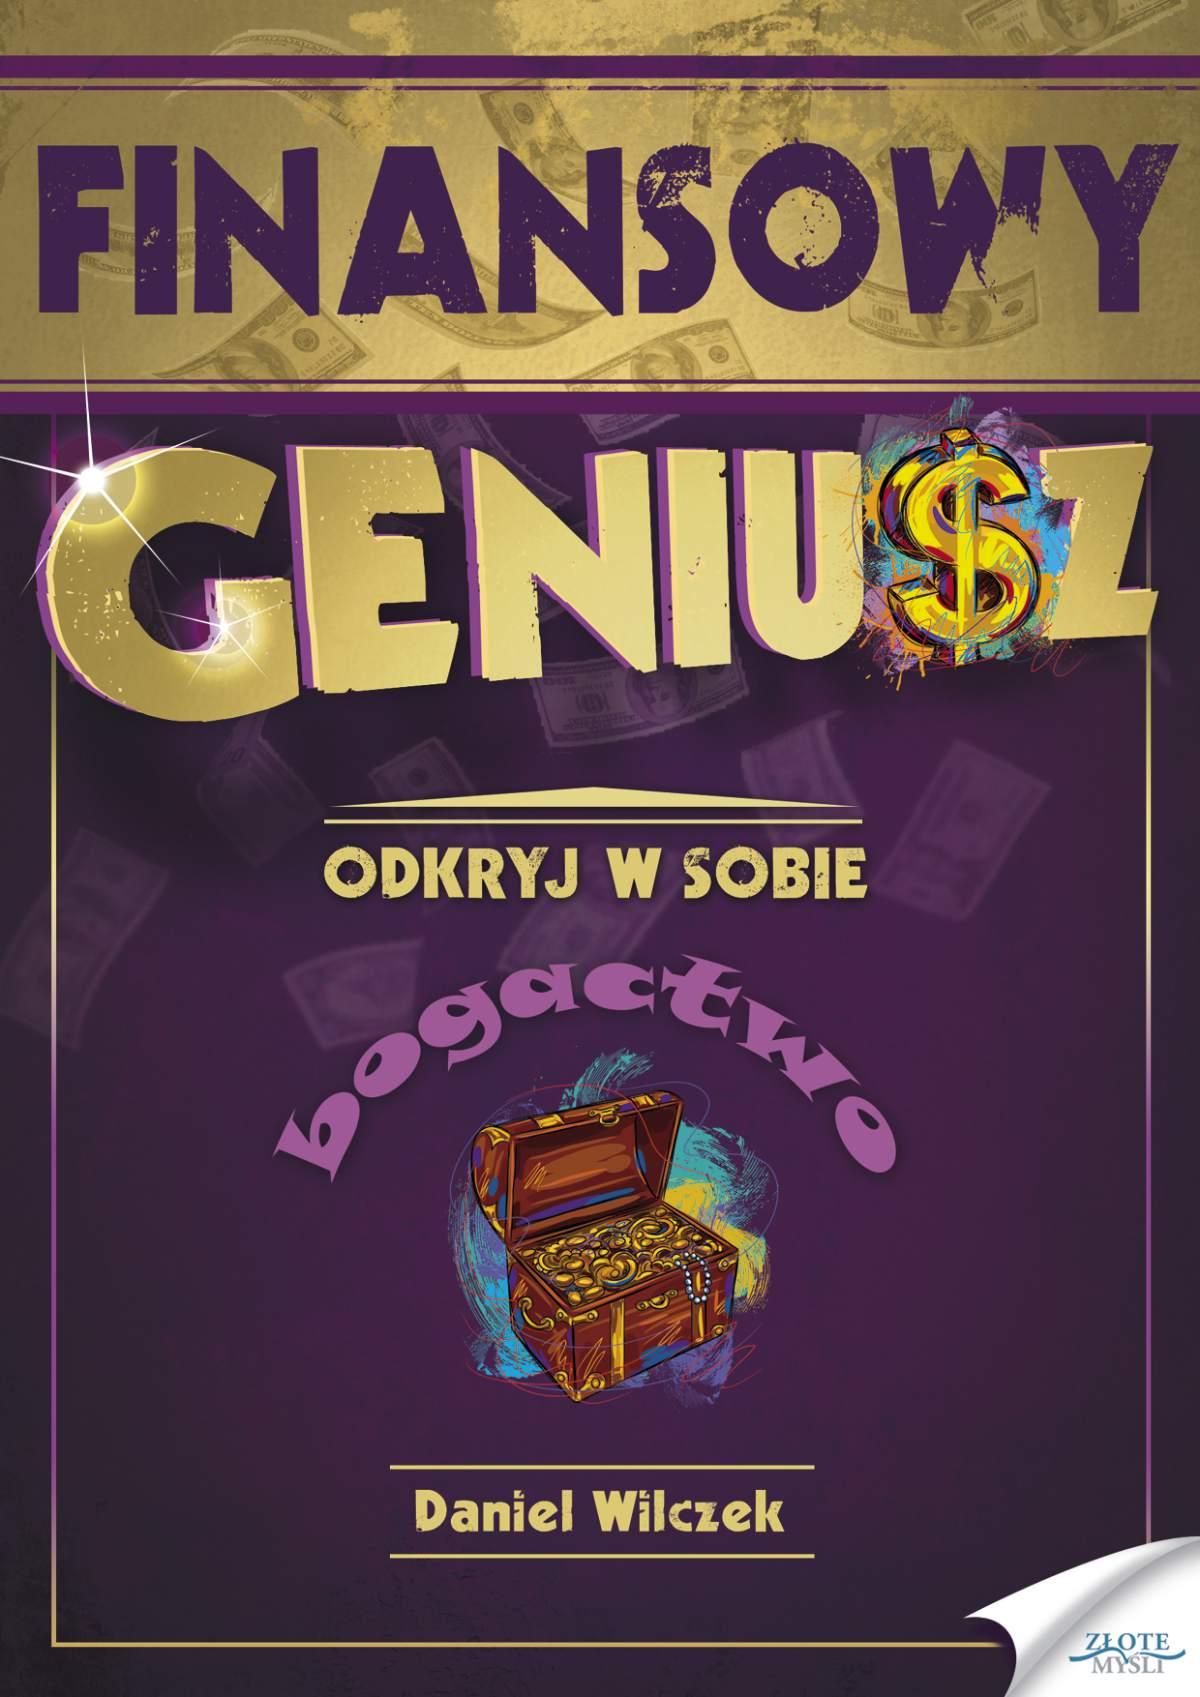 Finansowy Geniusz - Ebook (Książka EPUB) do pobrania w formacie EPUB